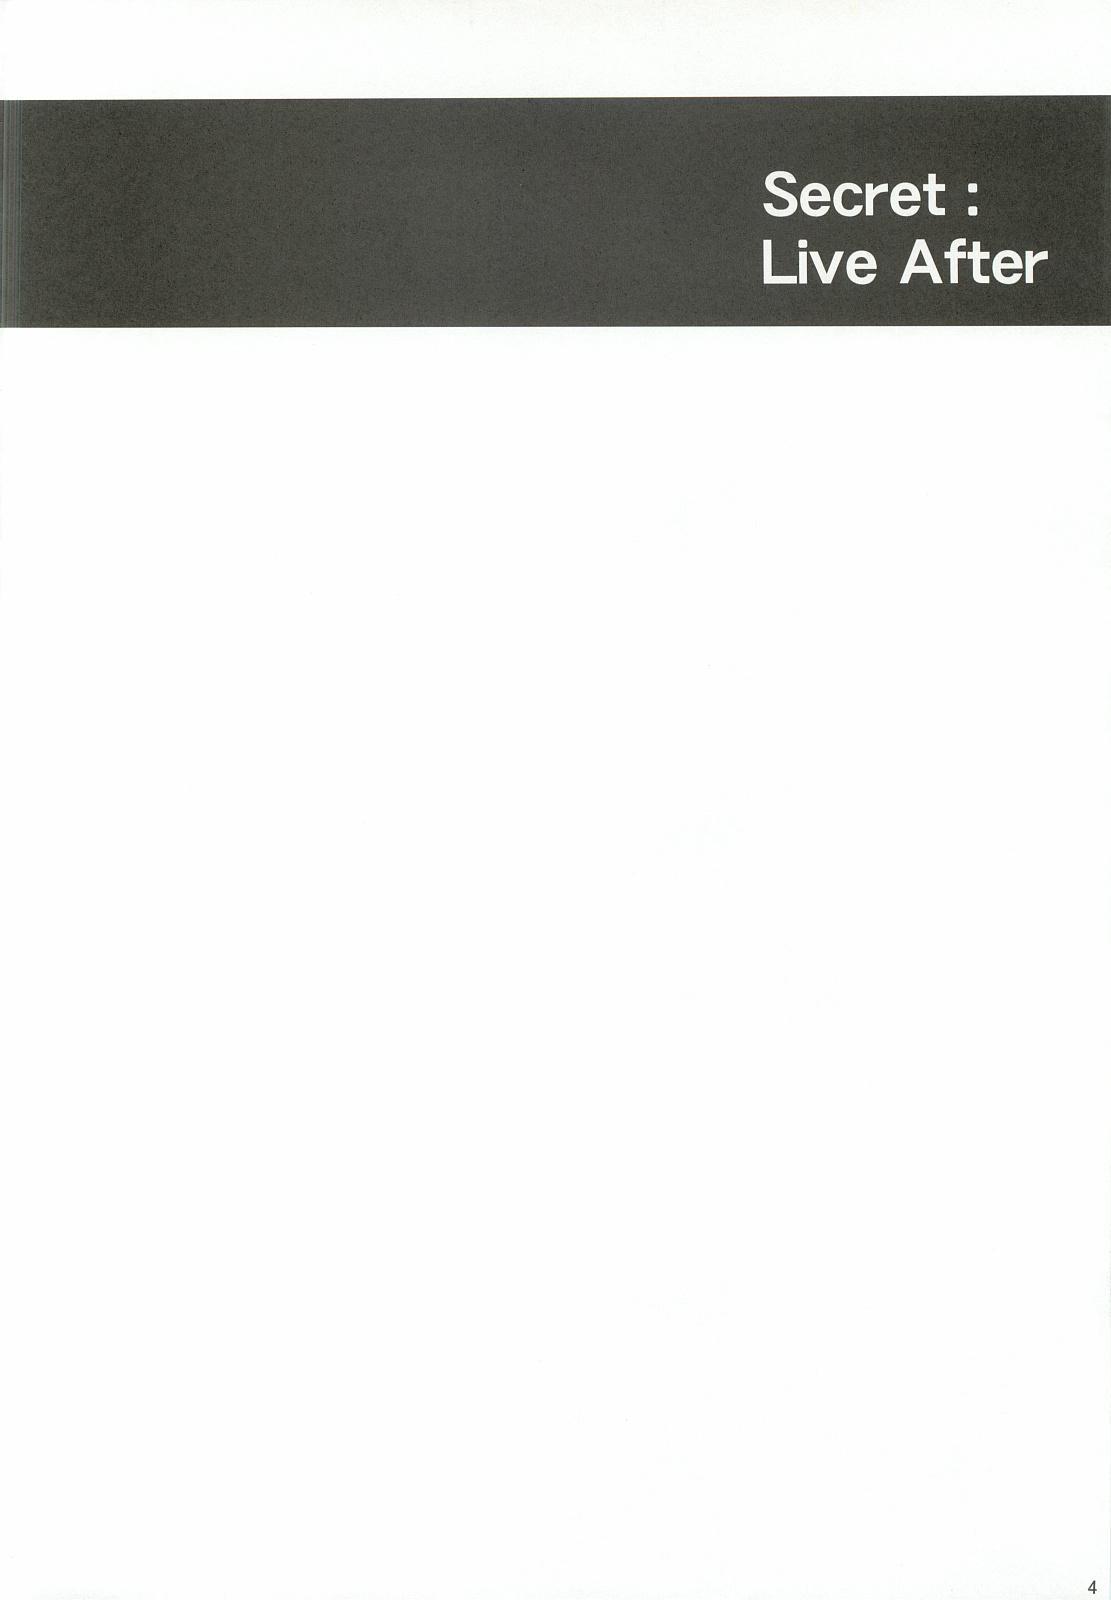 Secret: Live After 2